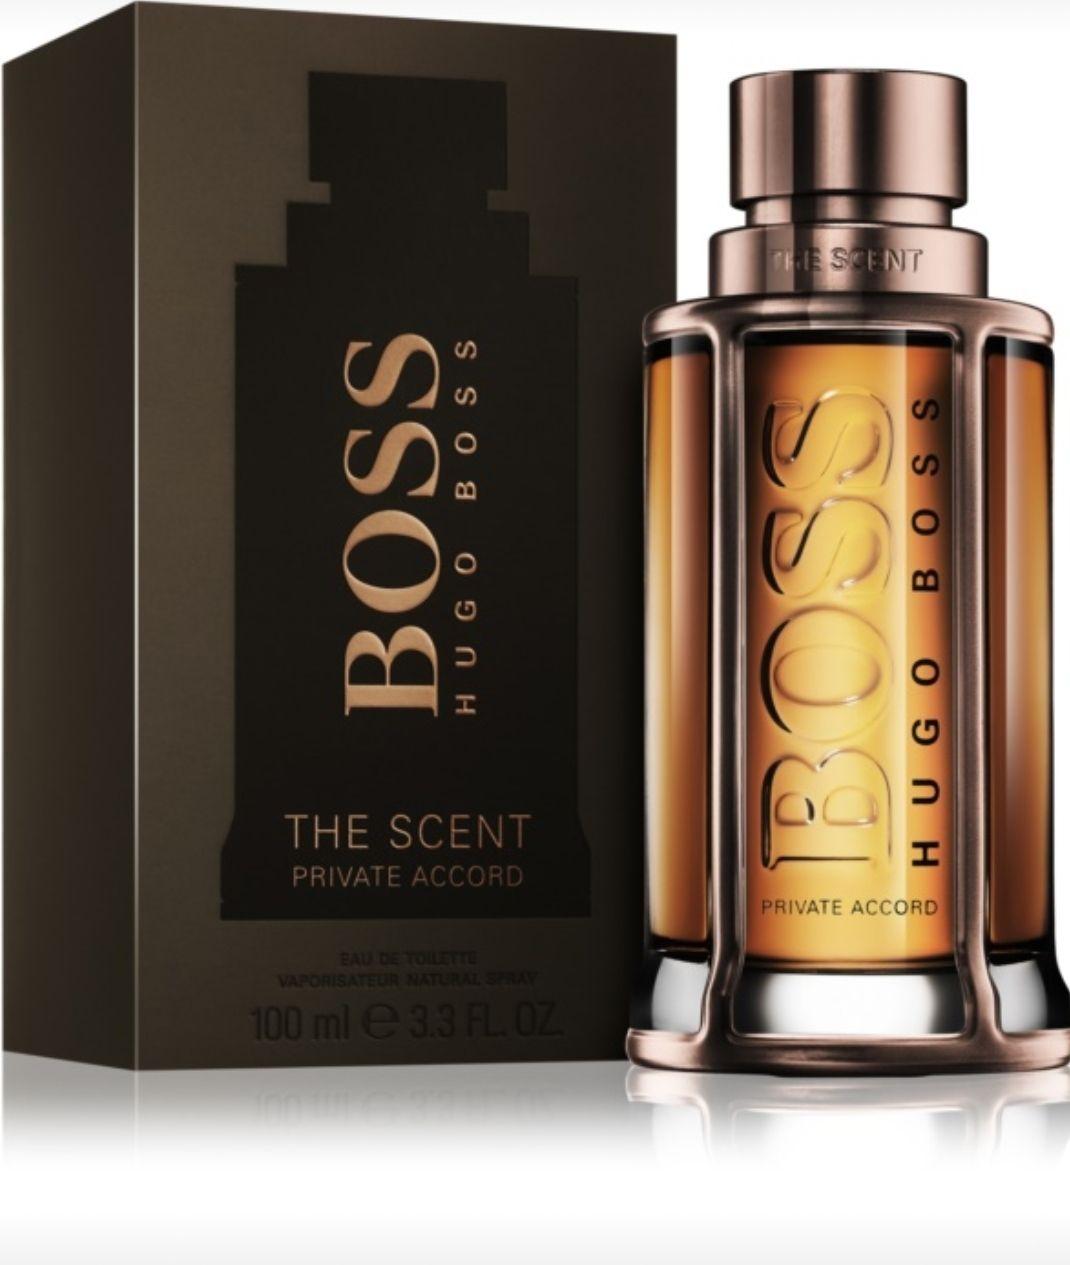 Hugo Boss The Scent Private Accord Eau de Toilette 100ml